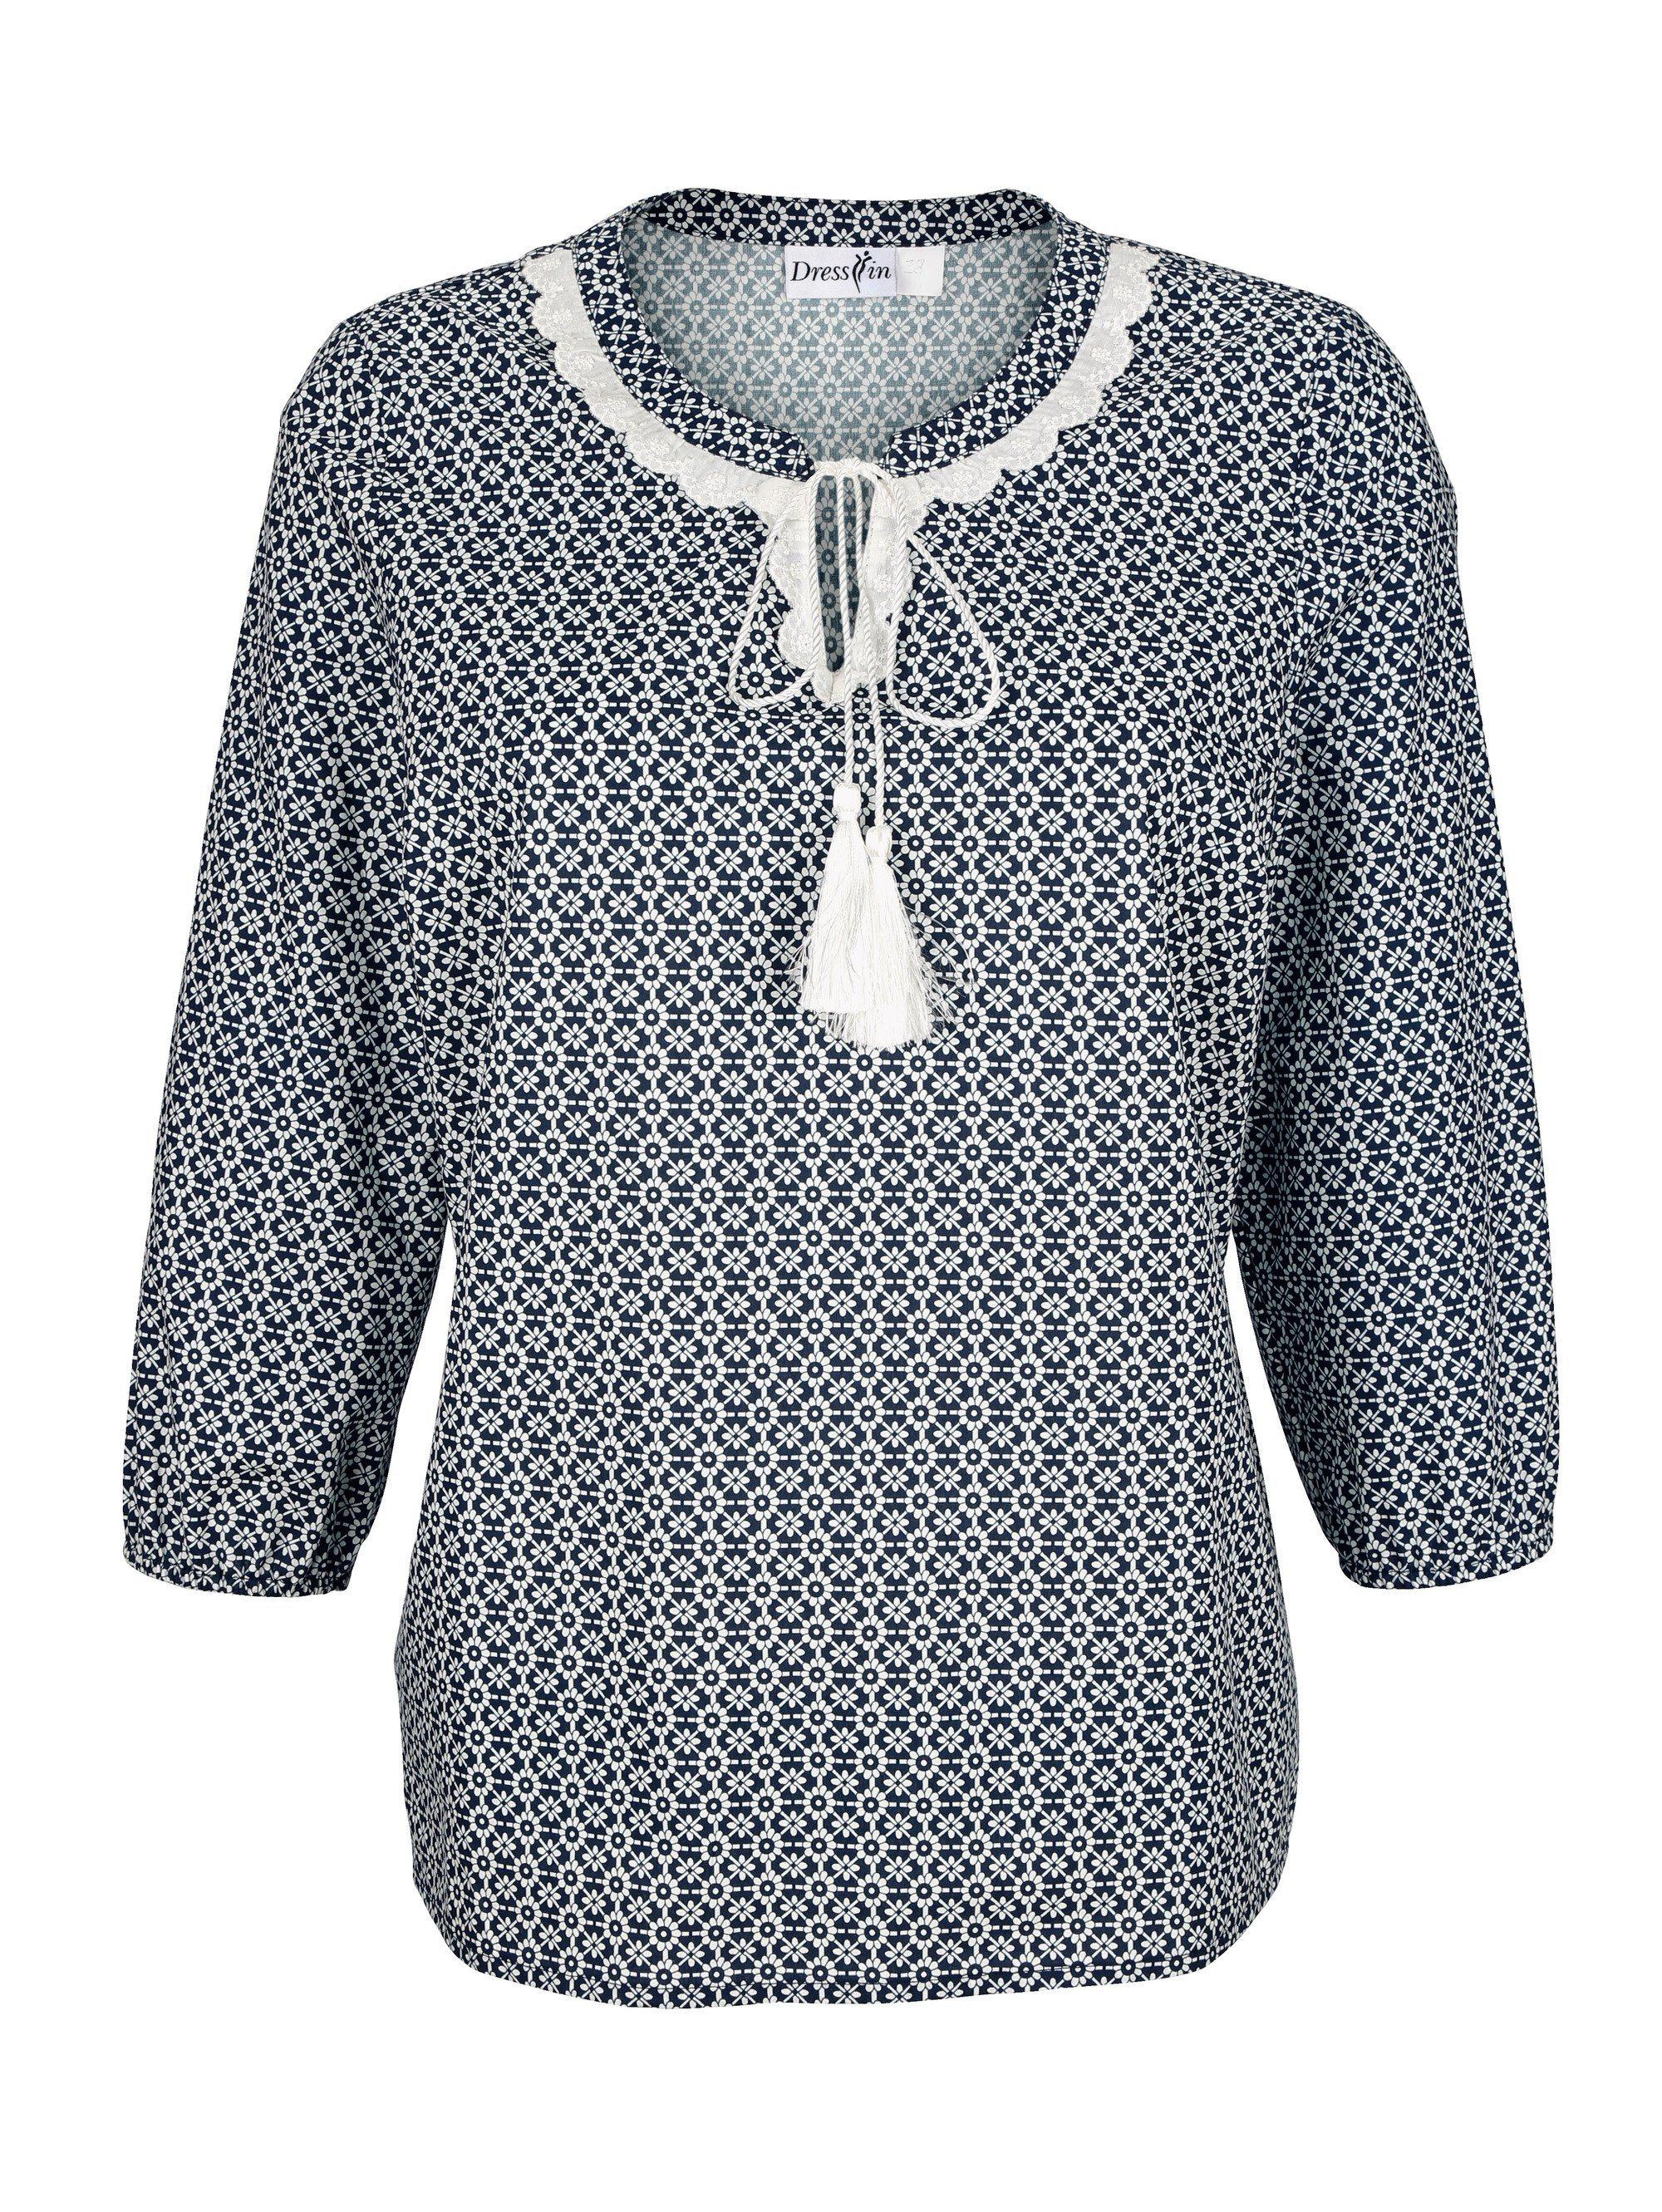 Dress In Tunika mit Spitzendekoration am Ausschnitt | Bekleidung > Tuniken > Sonstige Tuniken | Muster | Baumwolle | Dress In